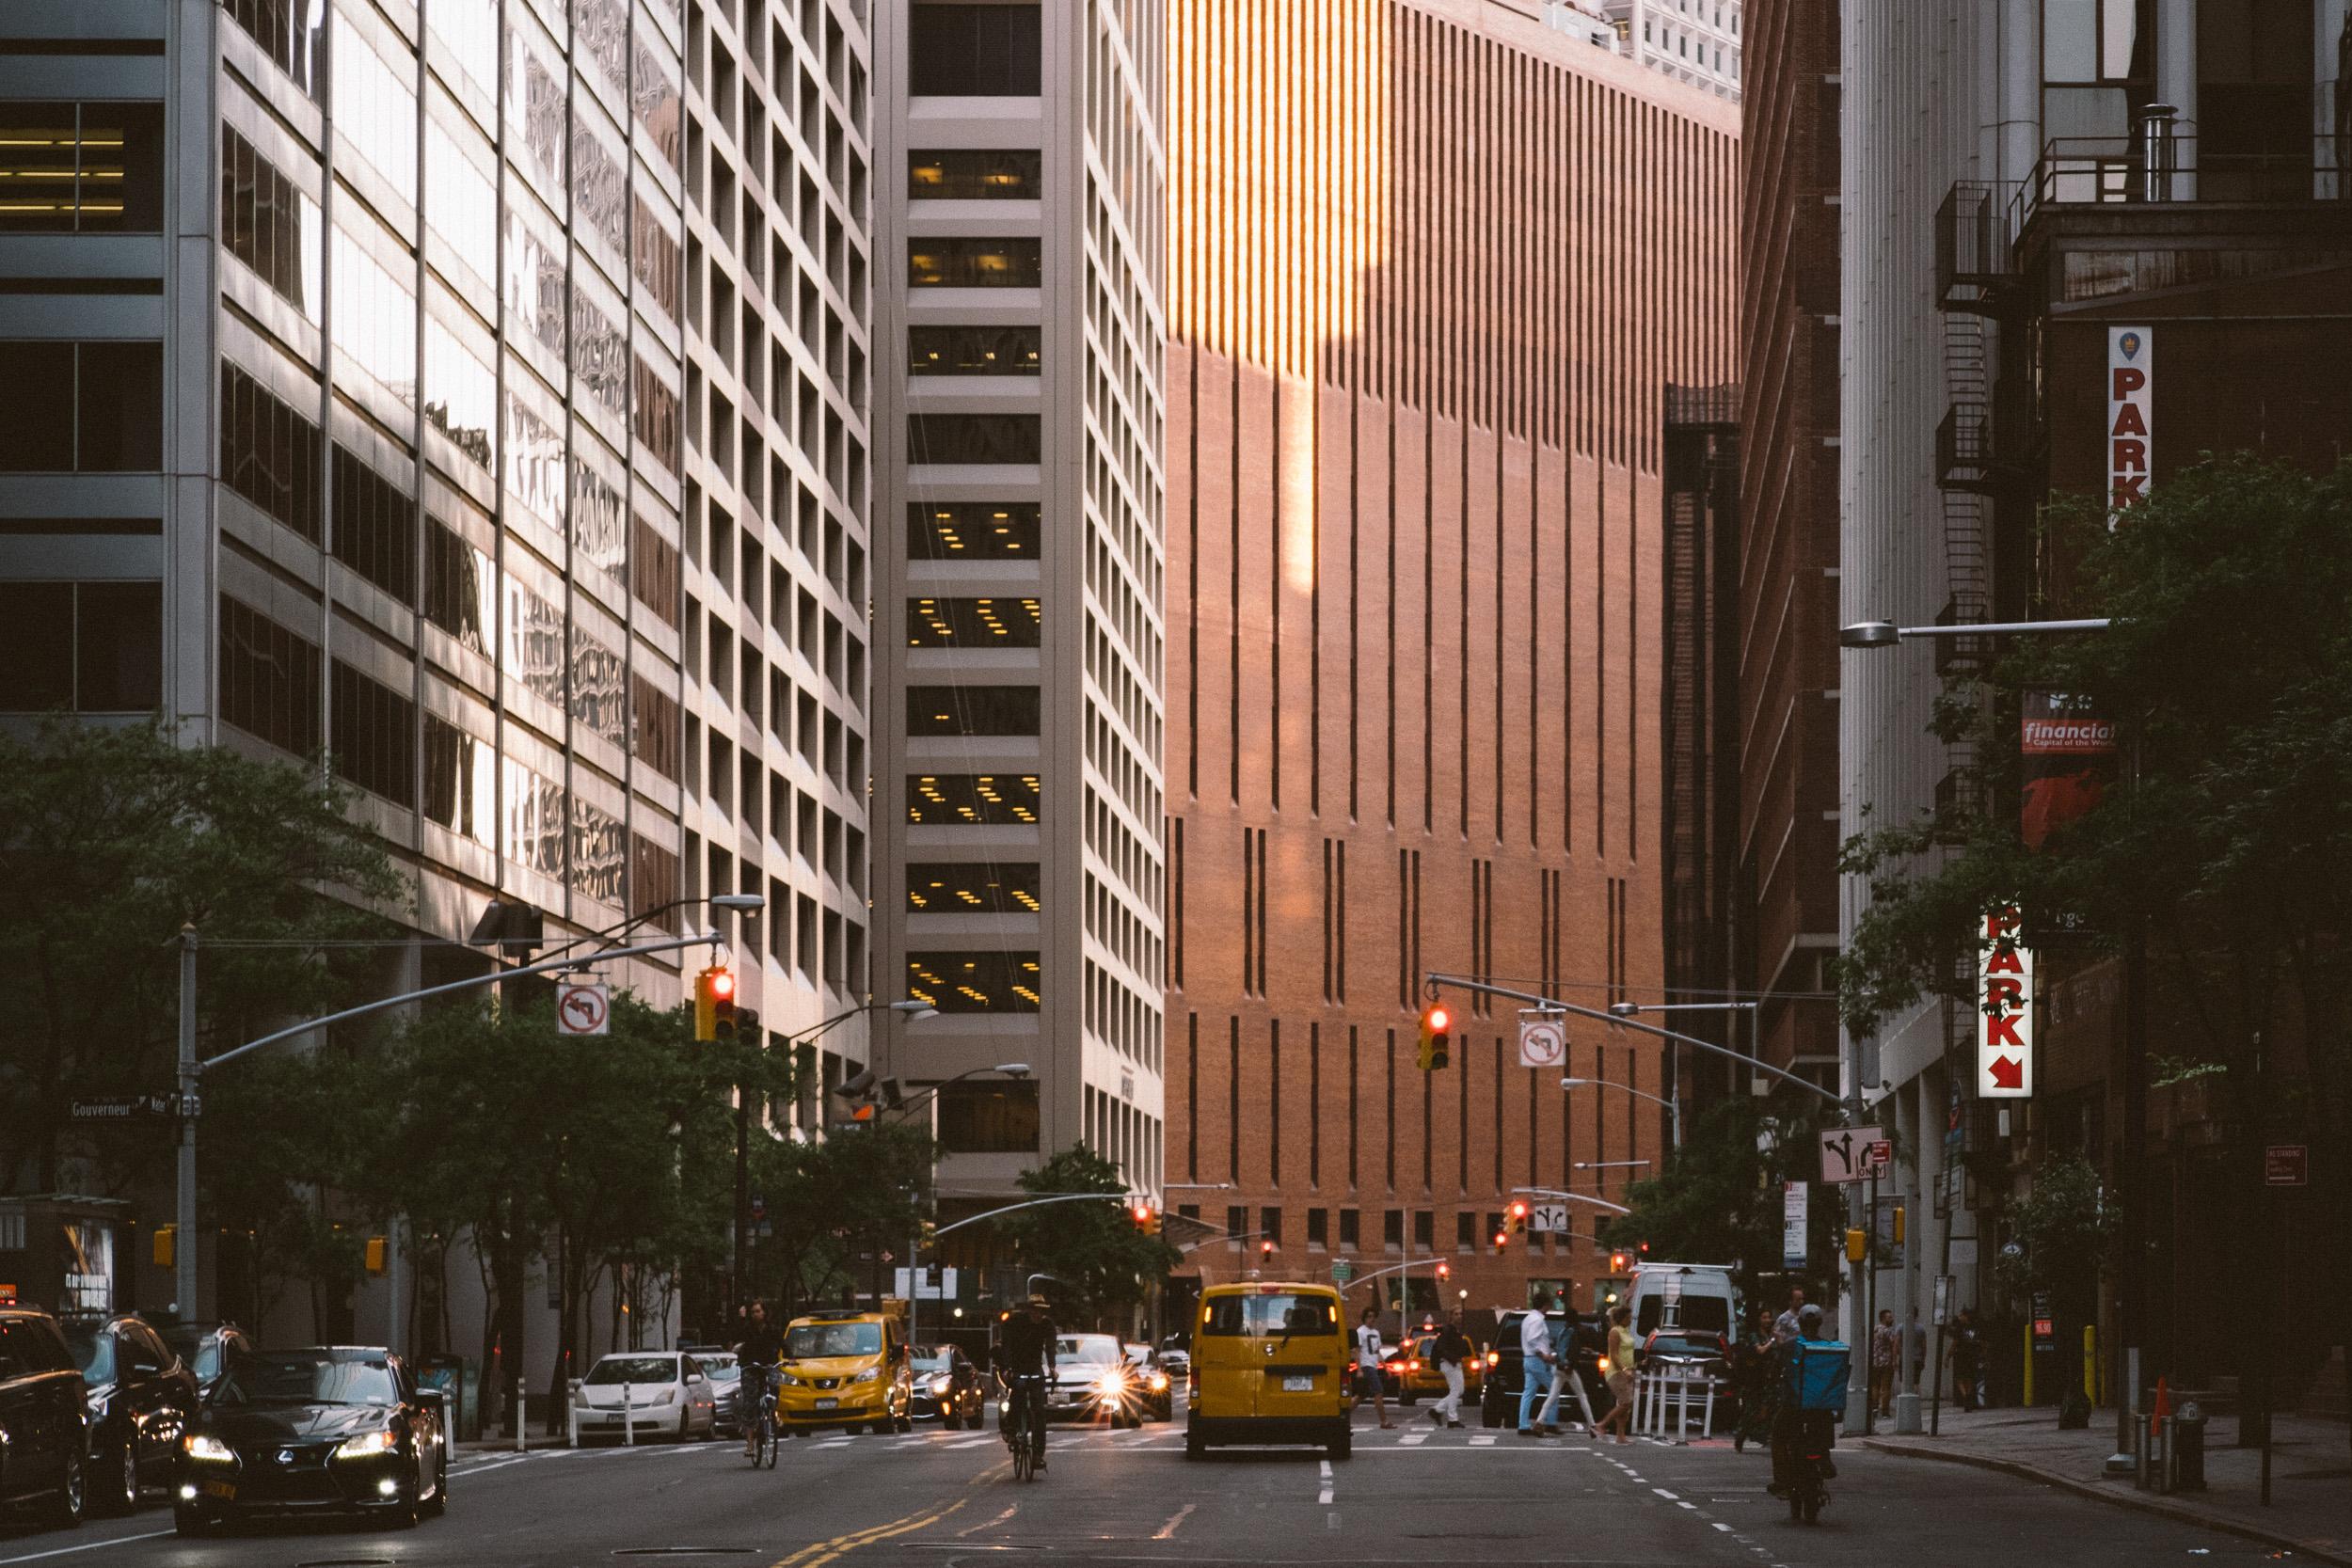 EH2066_Quiet-Saturday-on-Wall-Street.jpg